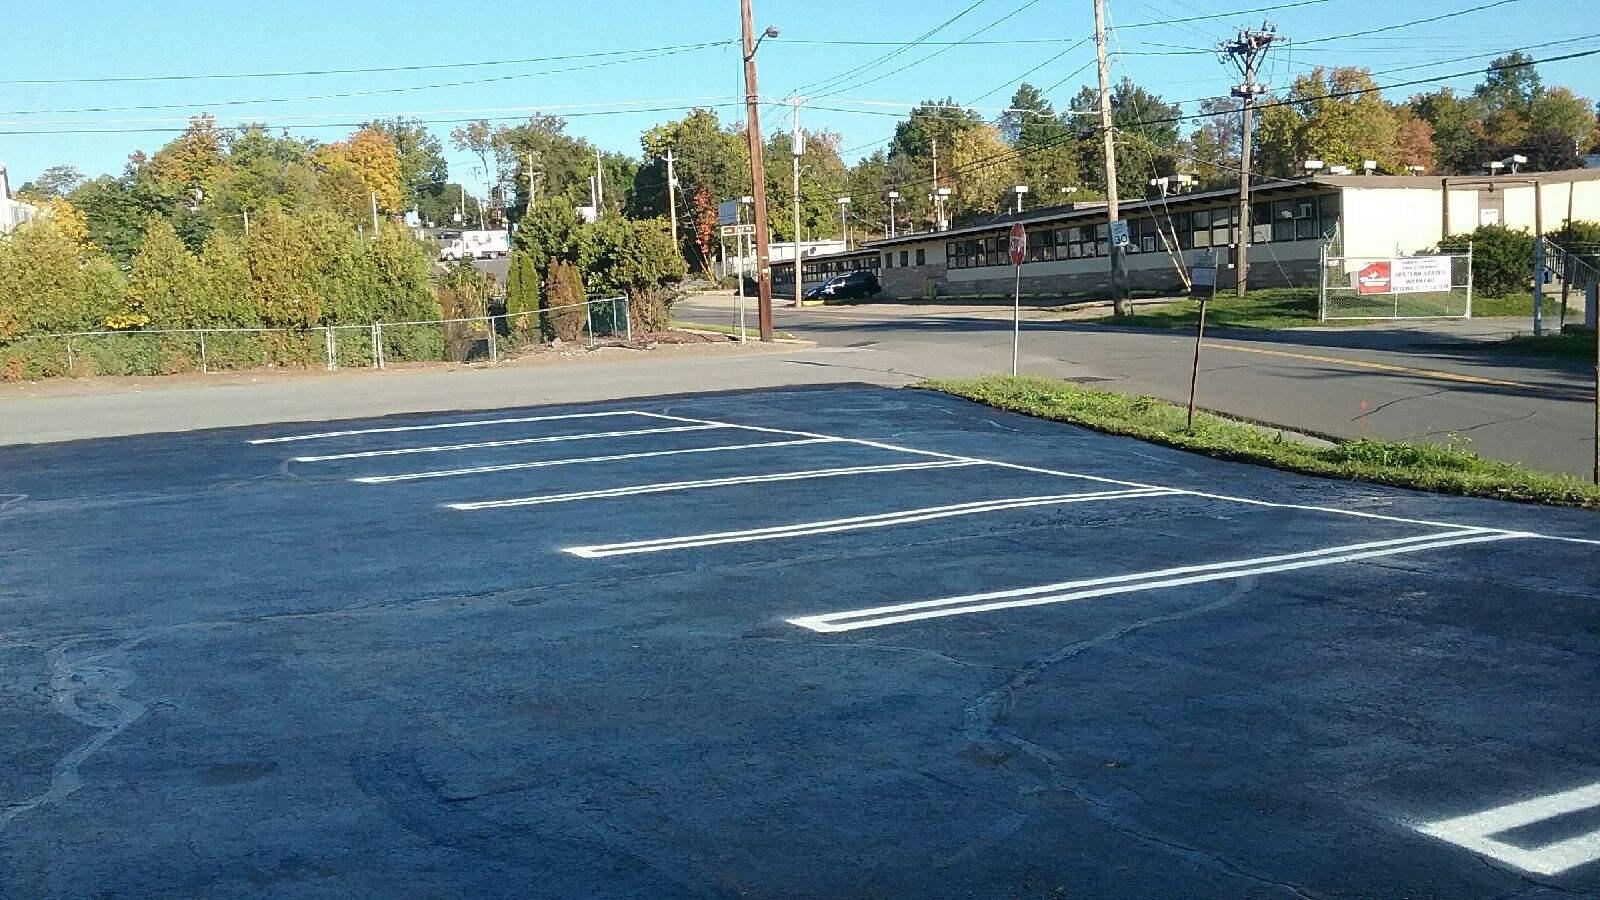 New Parking Lot plus Lines